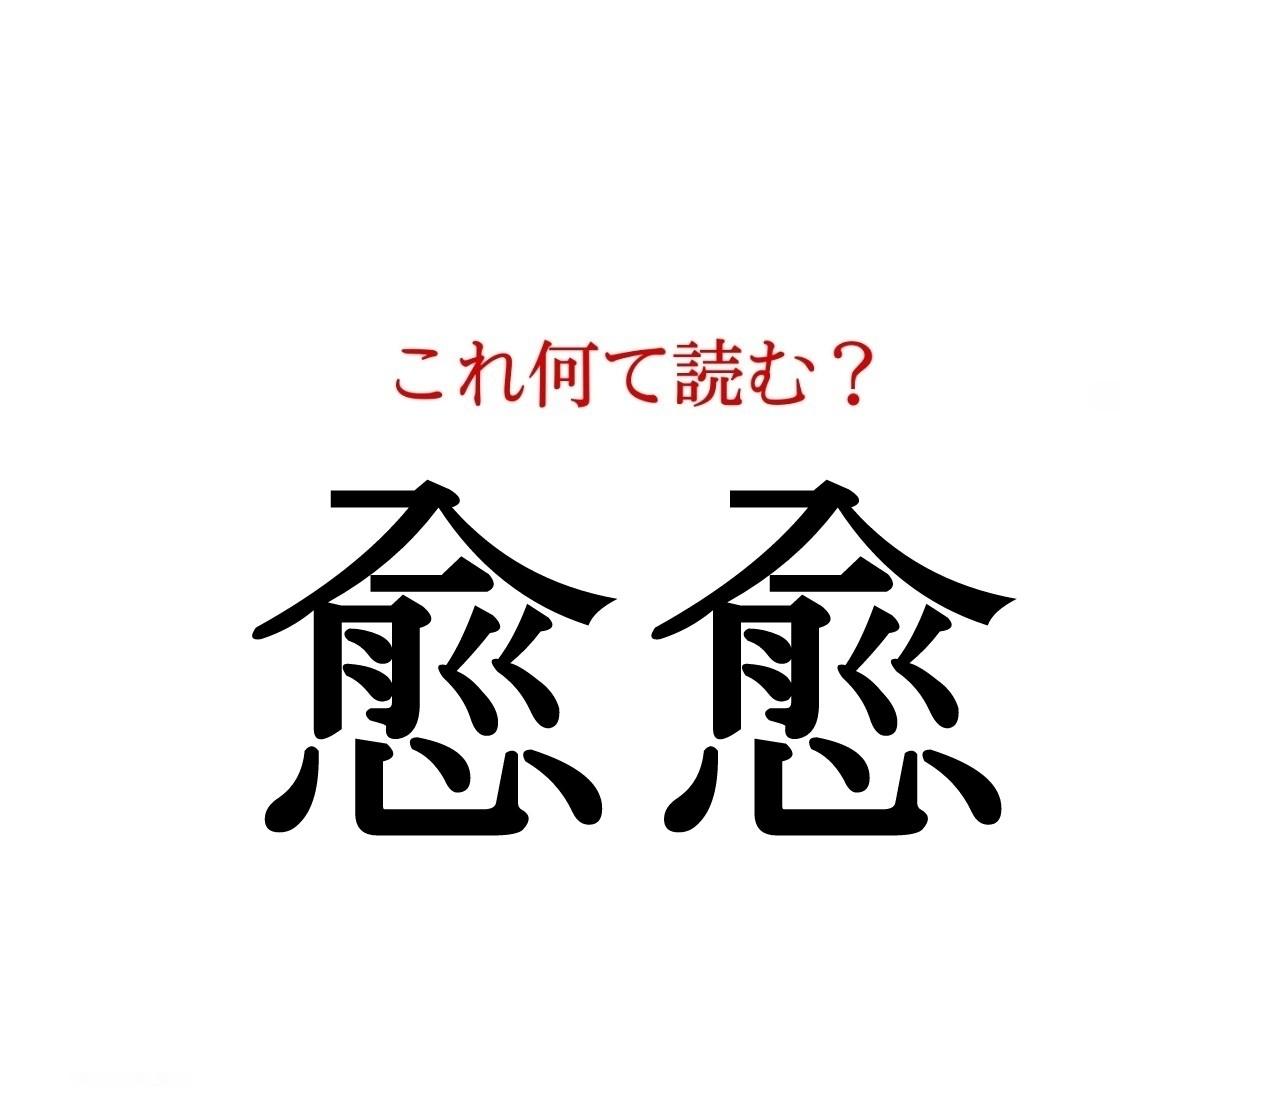 「愈愈」:この漢字、自信を持って読めますか?【働く大人の漢字クイズvol.88】